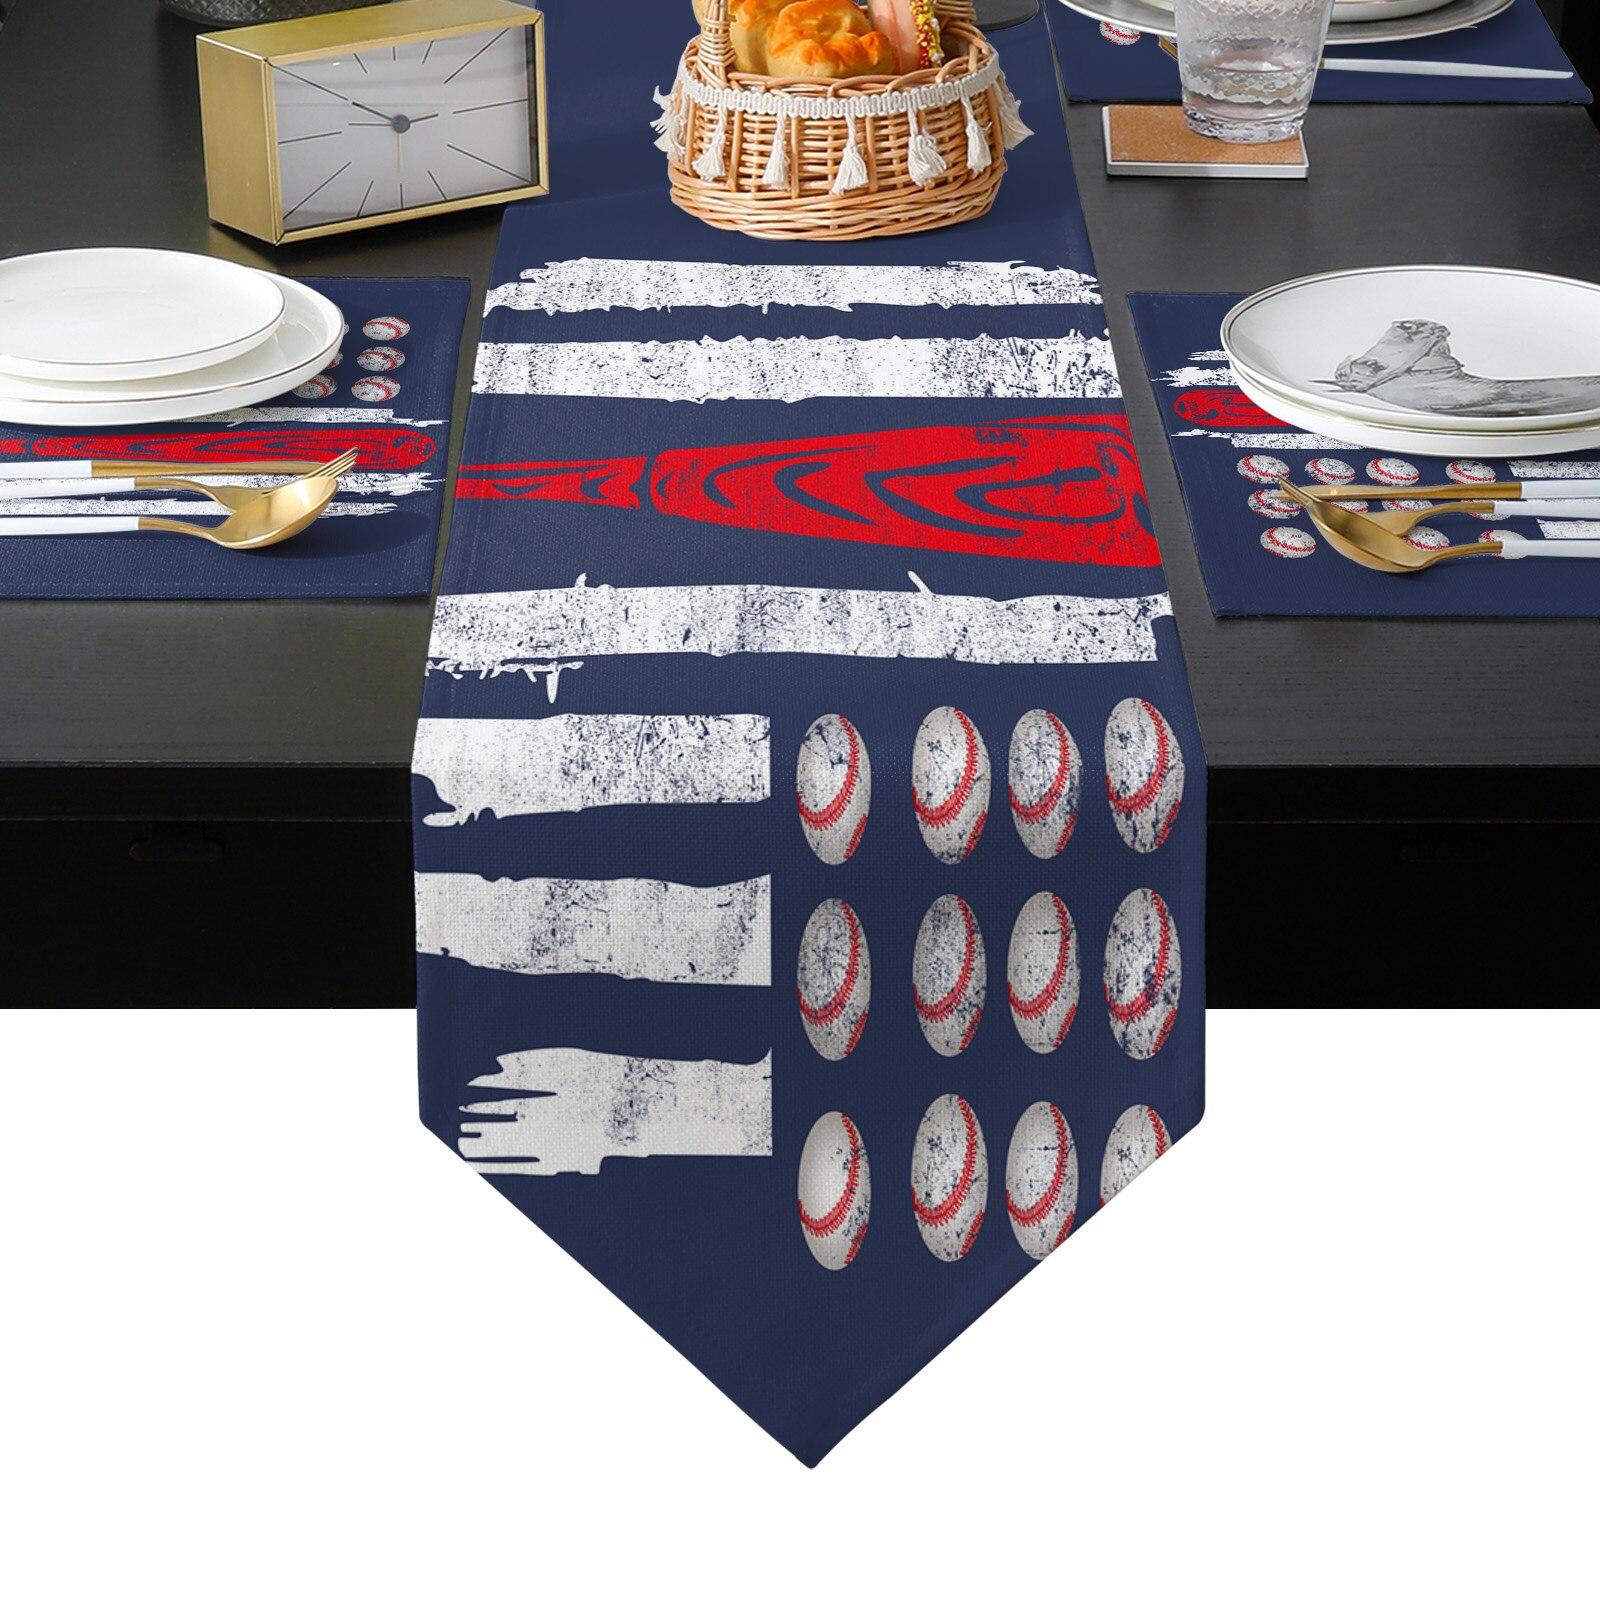 البيسبول العلم الأمريكي الجدول عداء الجدول الحصير غطاء للمنزل الزفاف مأدبة مهرجان حفلة التموين فندق الجدول الديكور